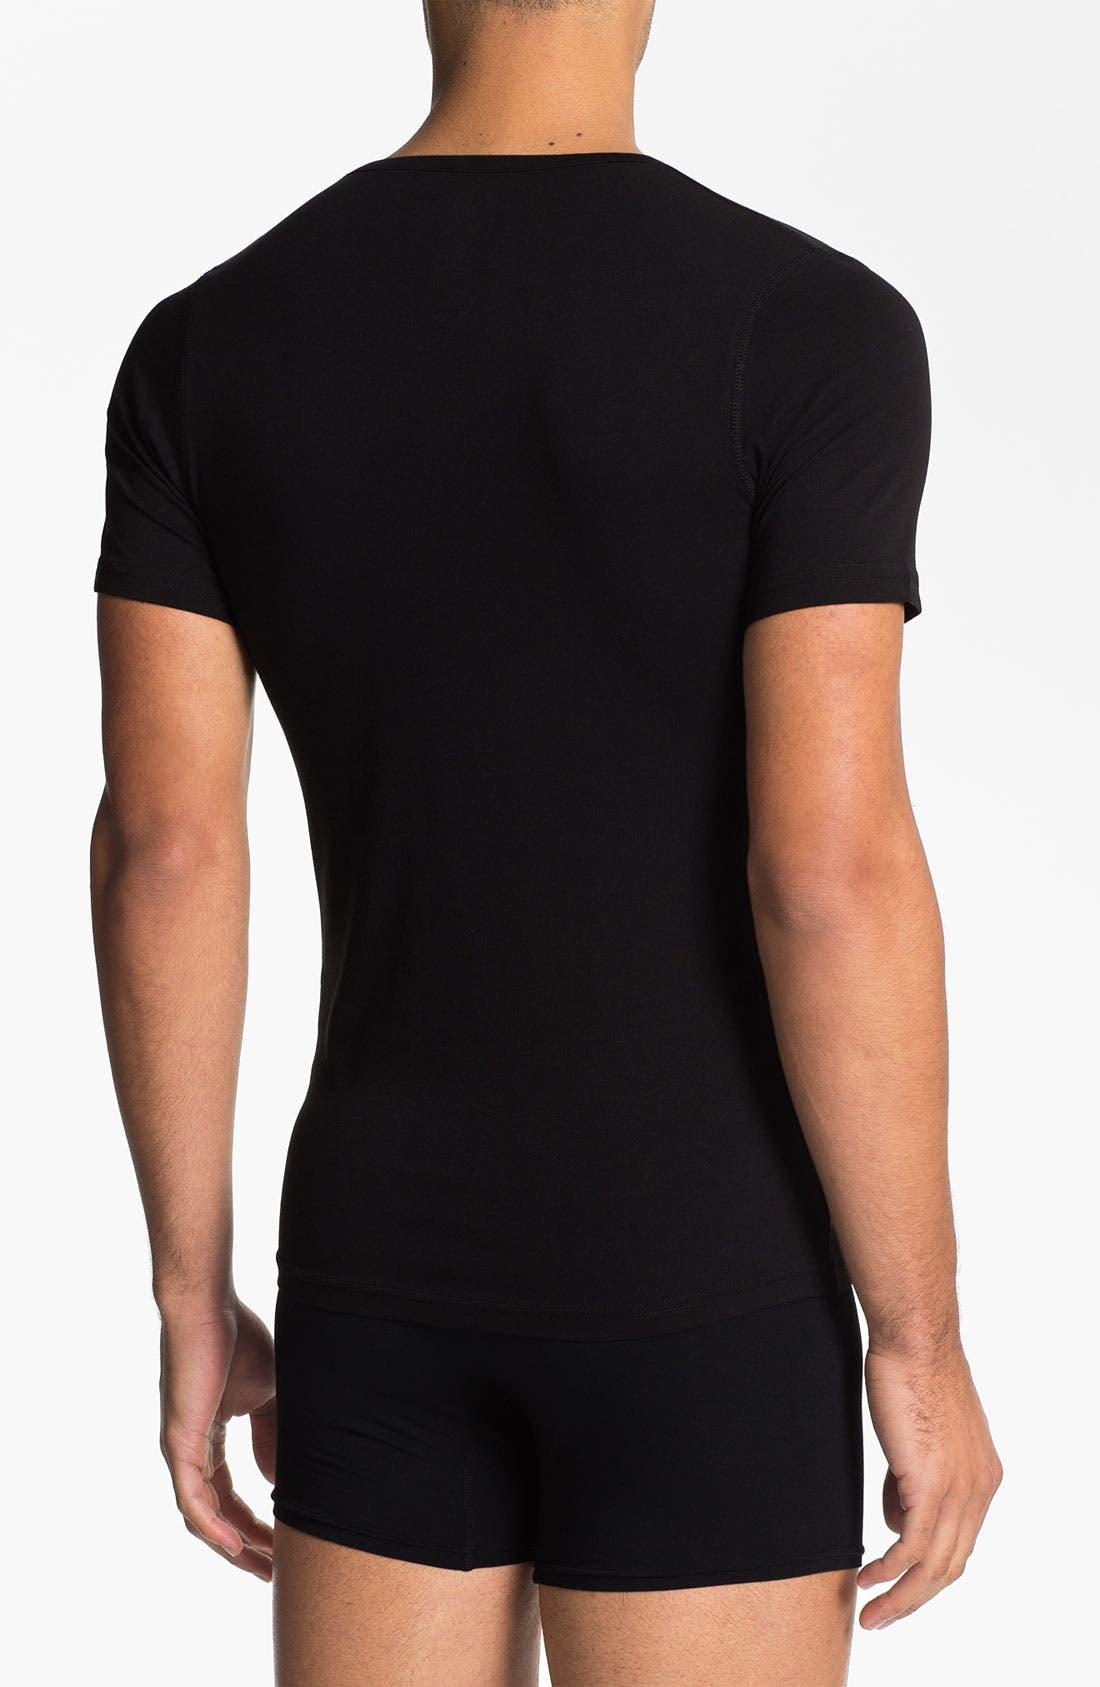 Alternate Image 2  - Naked V-Neck Cotton Undershirt